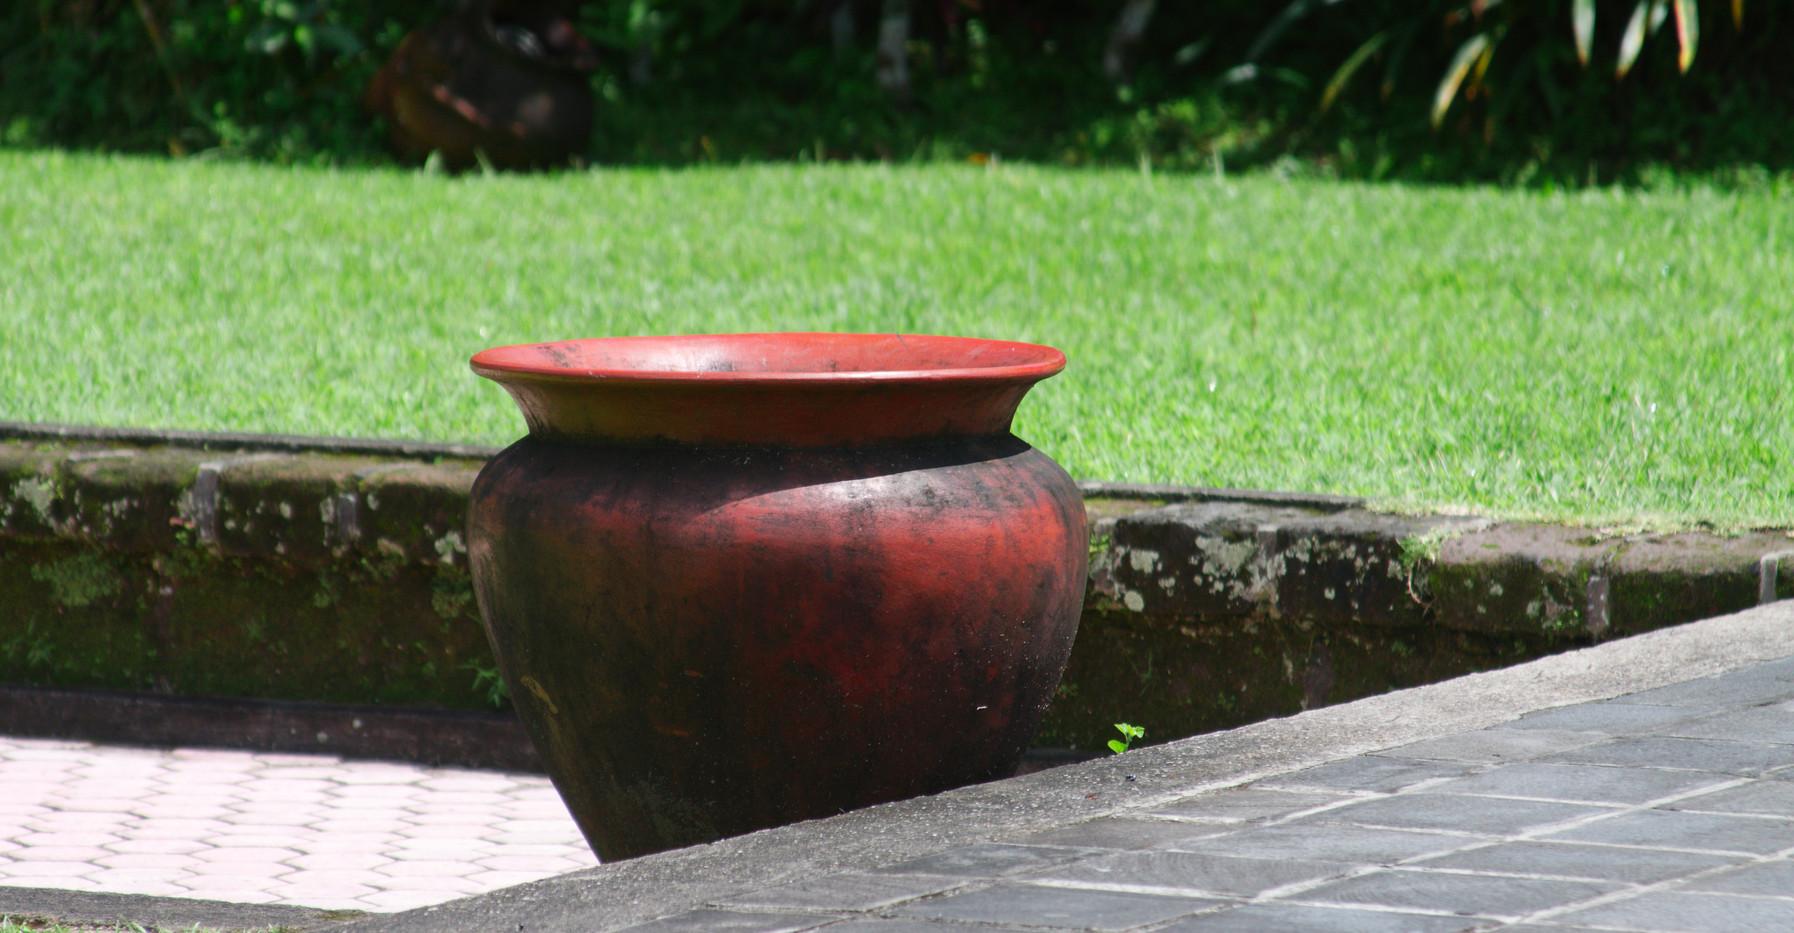 Bali Symetry